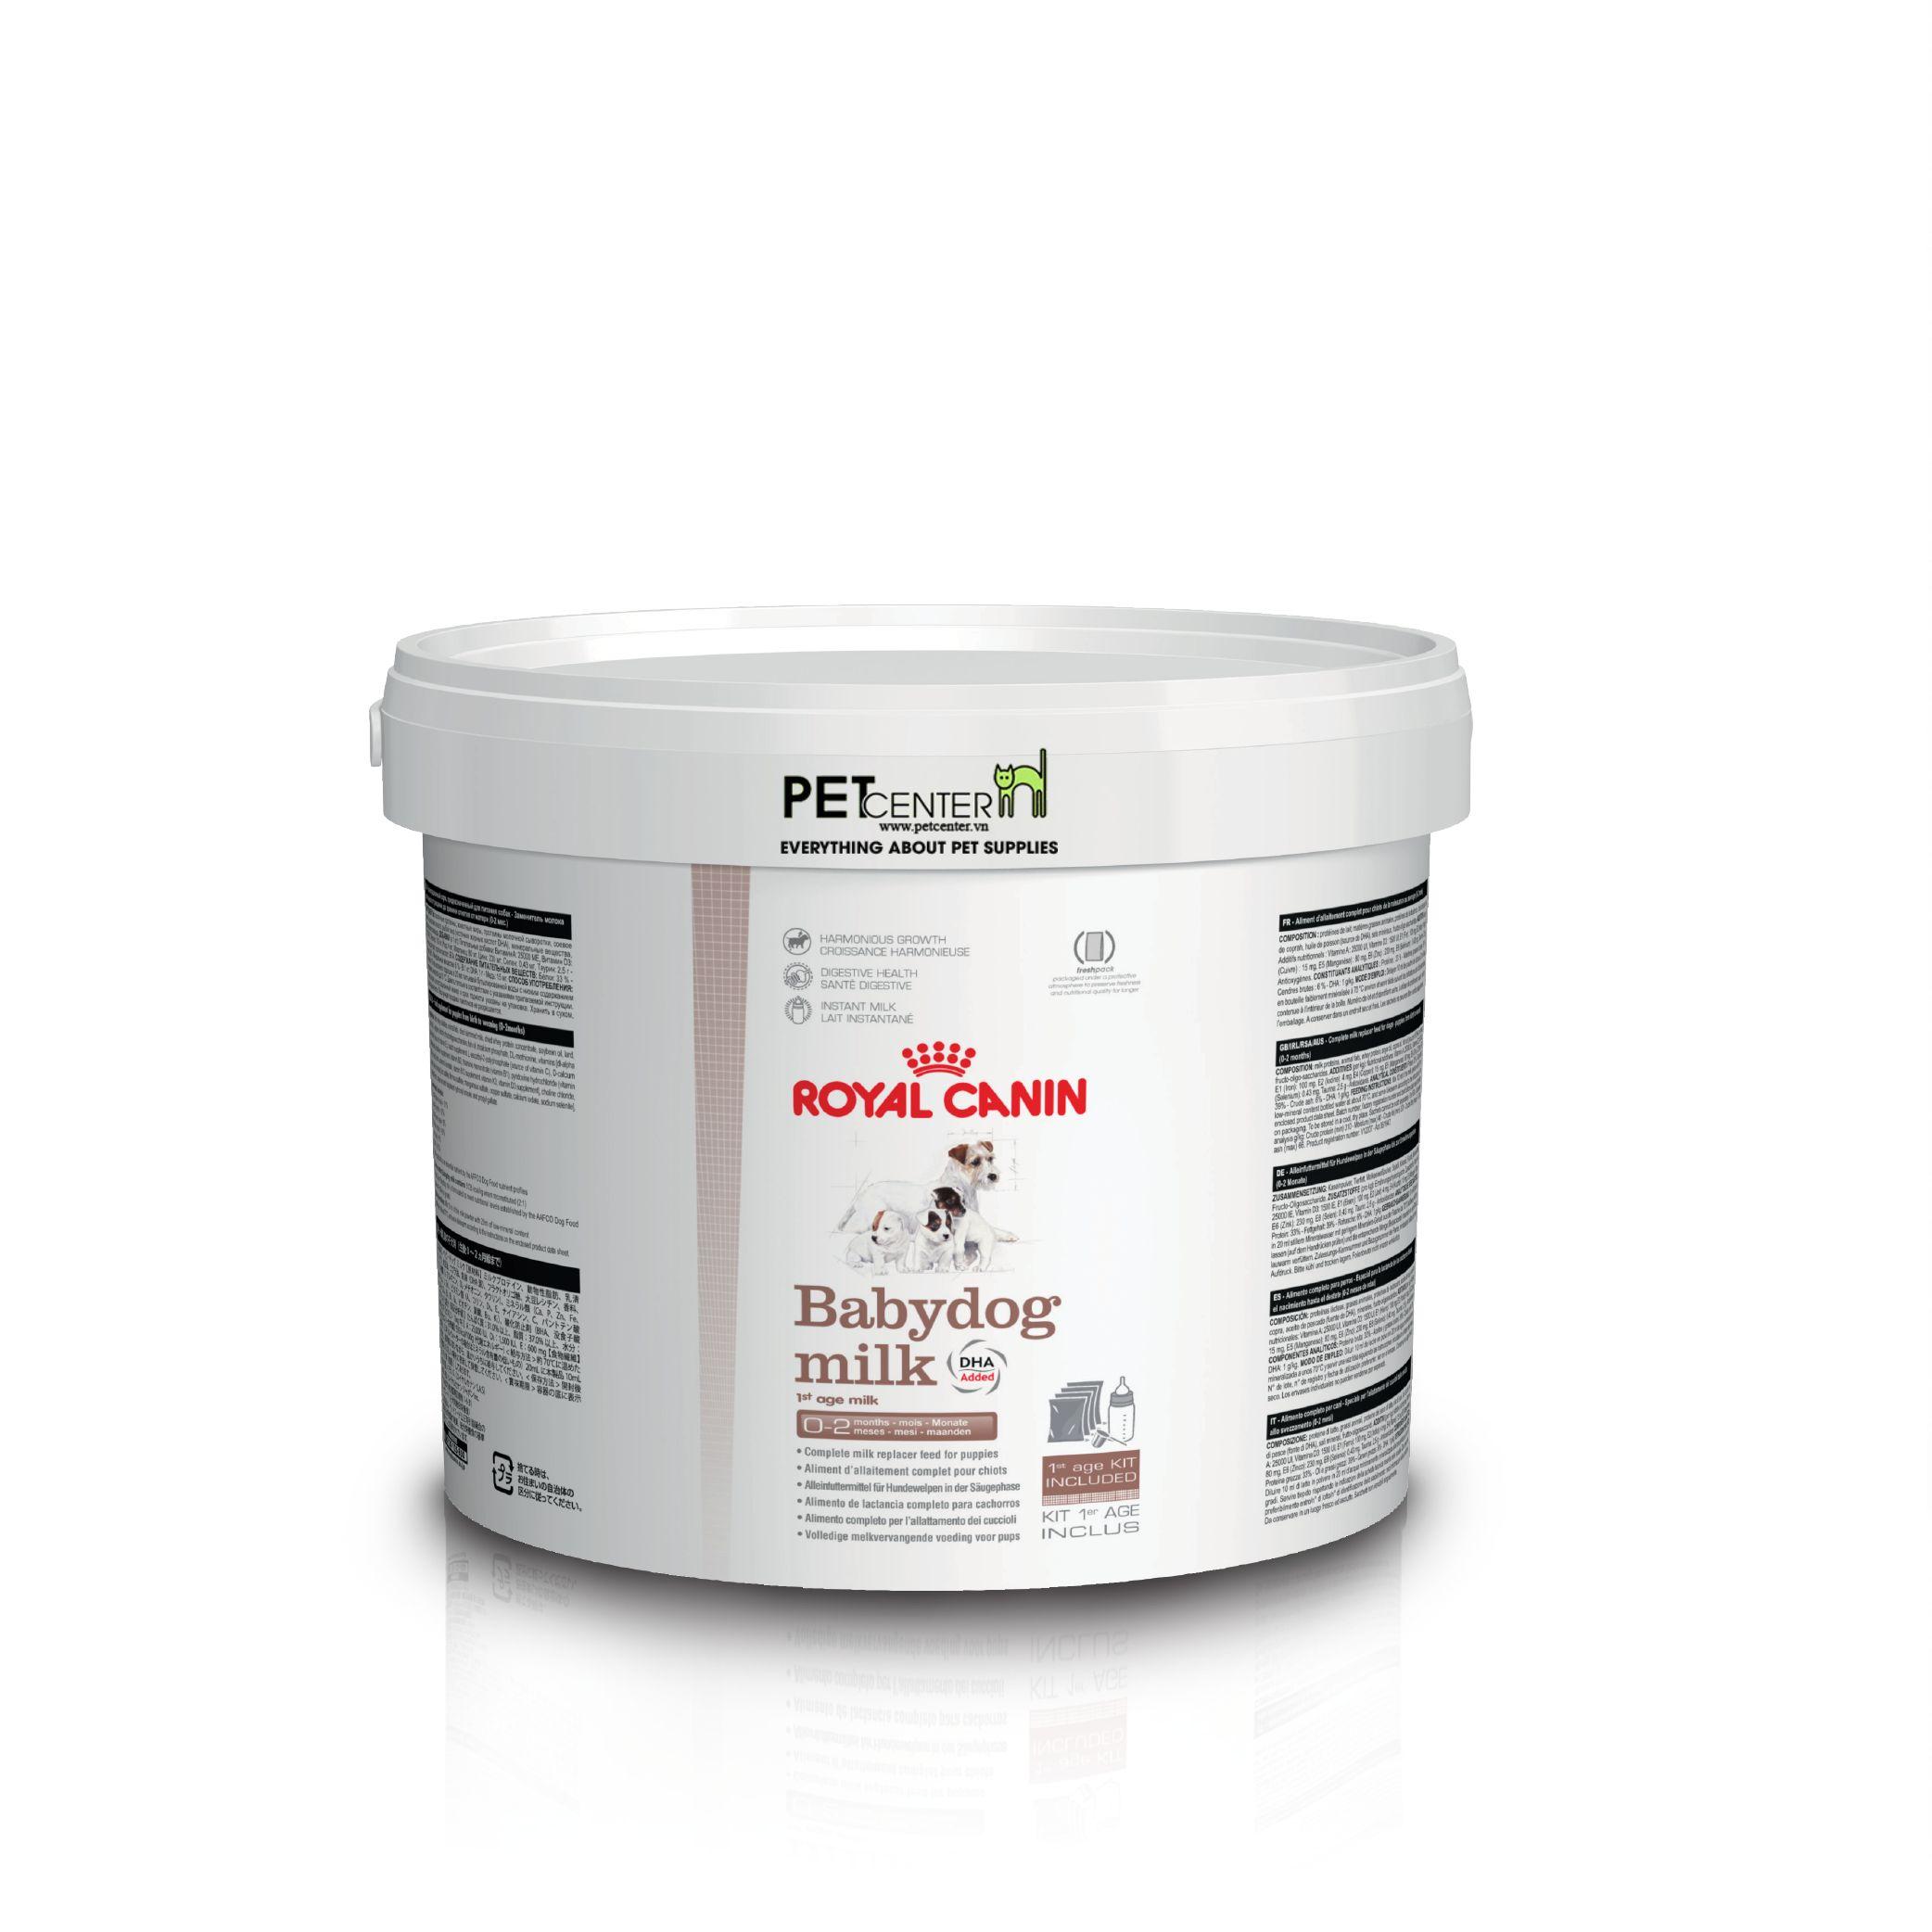 ROYAL CANIN - Sữa Bột Cho Chó 400gr (Gói Lẻ)